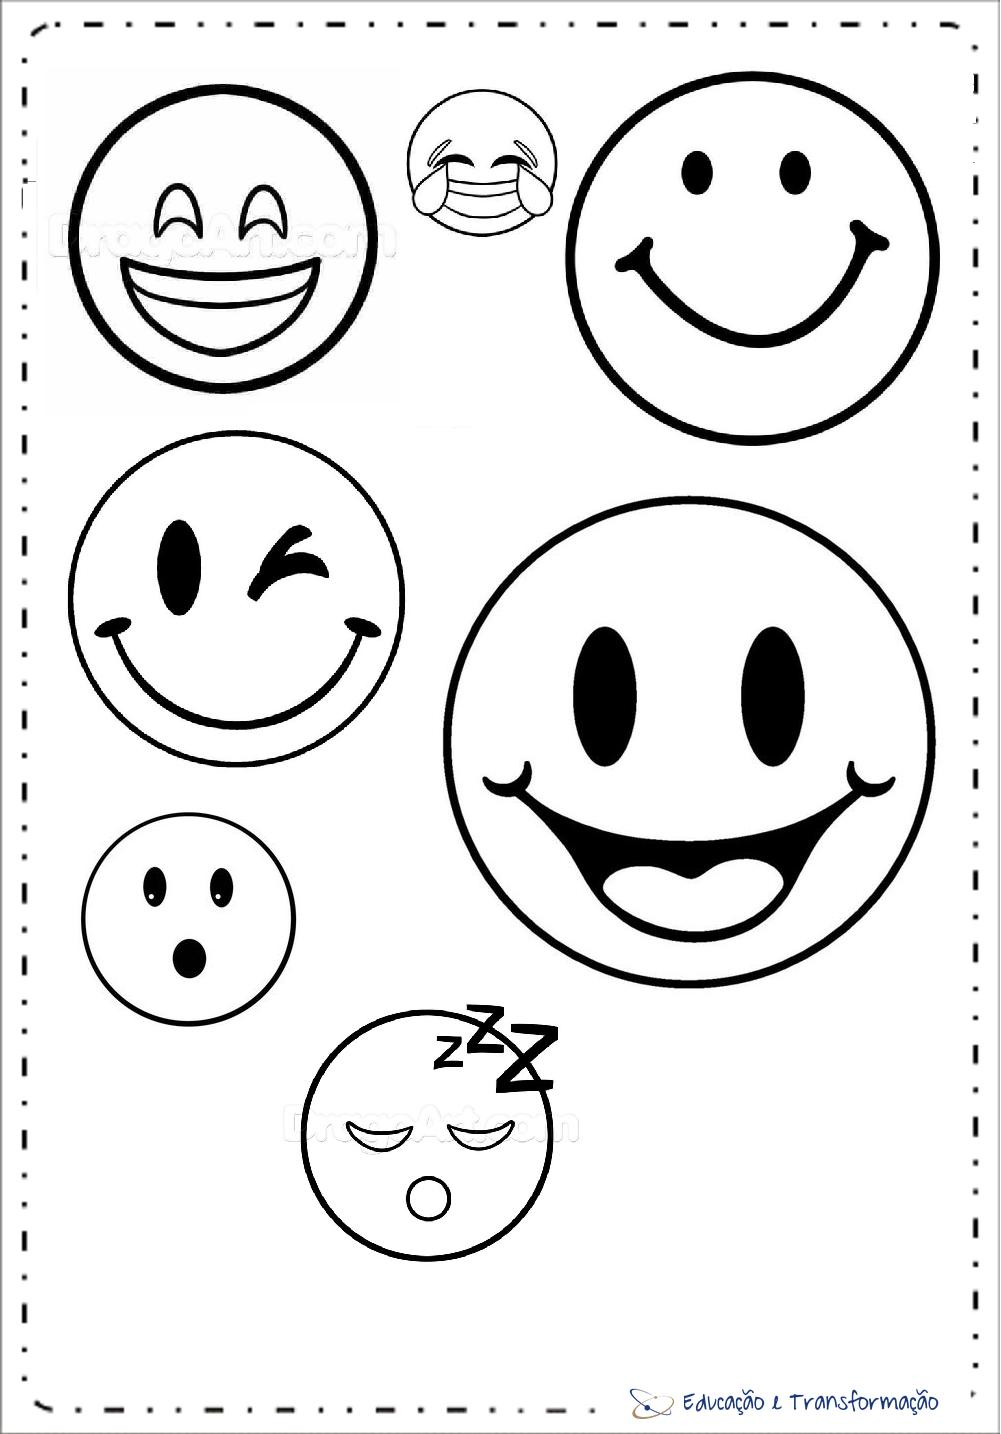 Moldes De Emoji Molde Emoji Desenho De Emoji Emoji